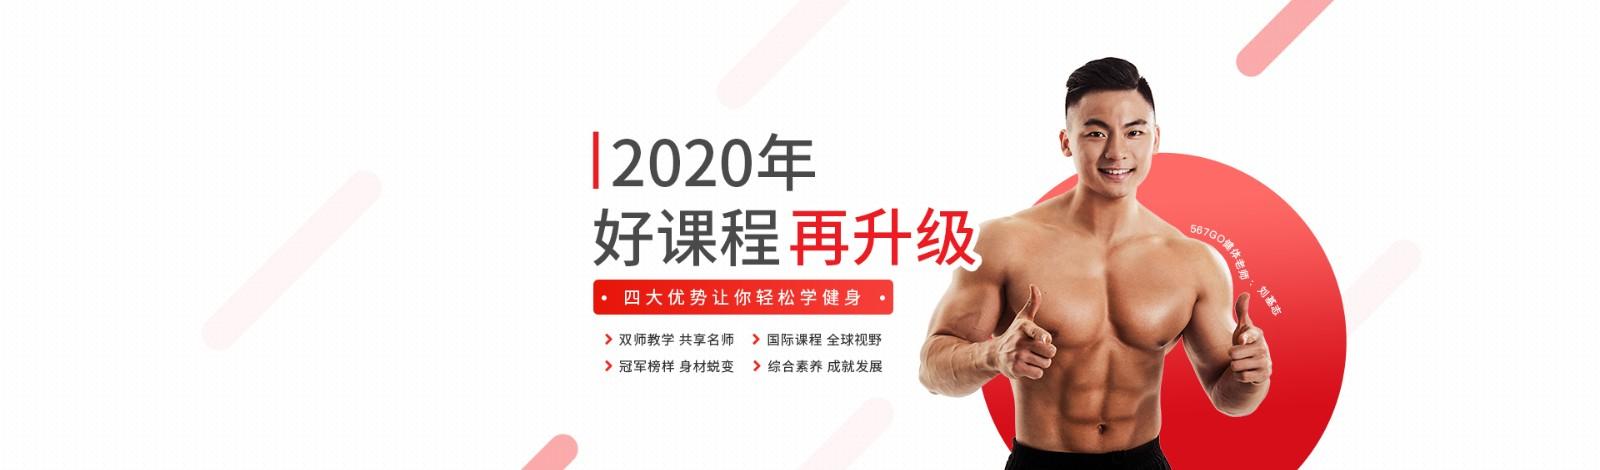 长沙567GO健身学院 横幅广告